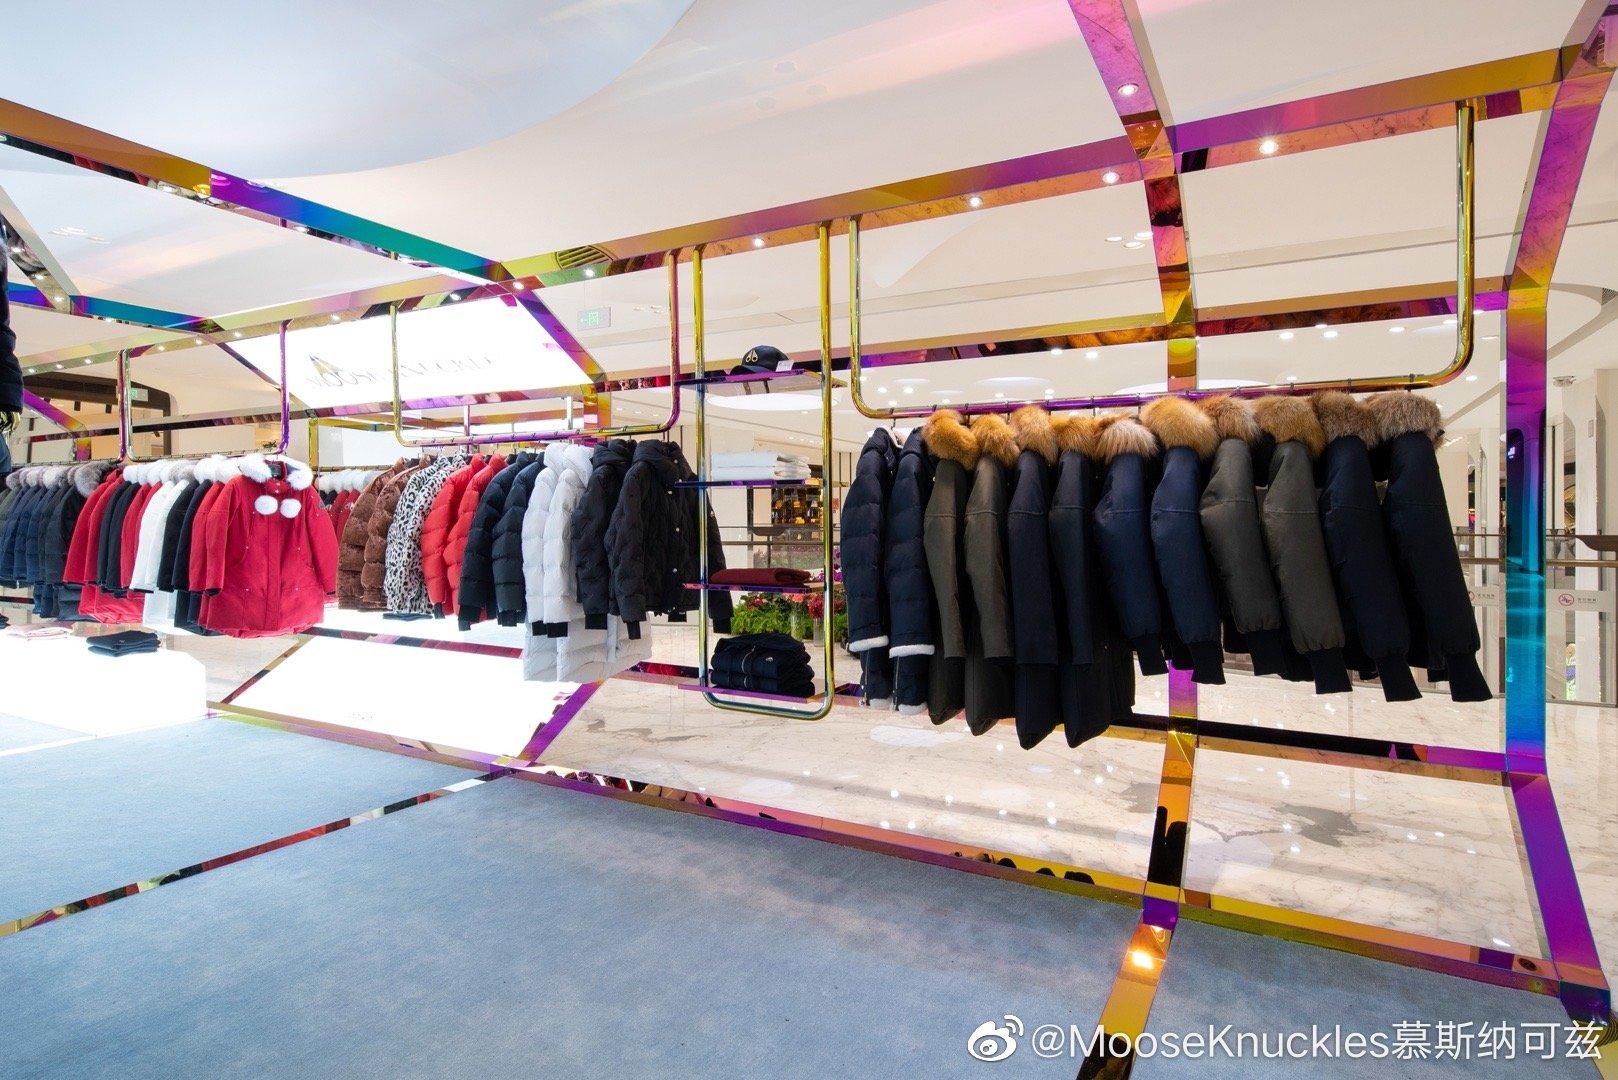 Moose Knuckles Pop Up Sep 12th – Feb 28th Beijing /Hangzhou – 10